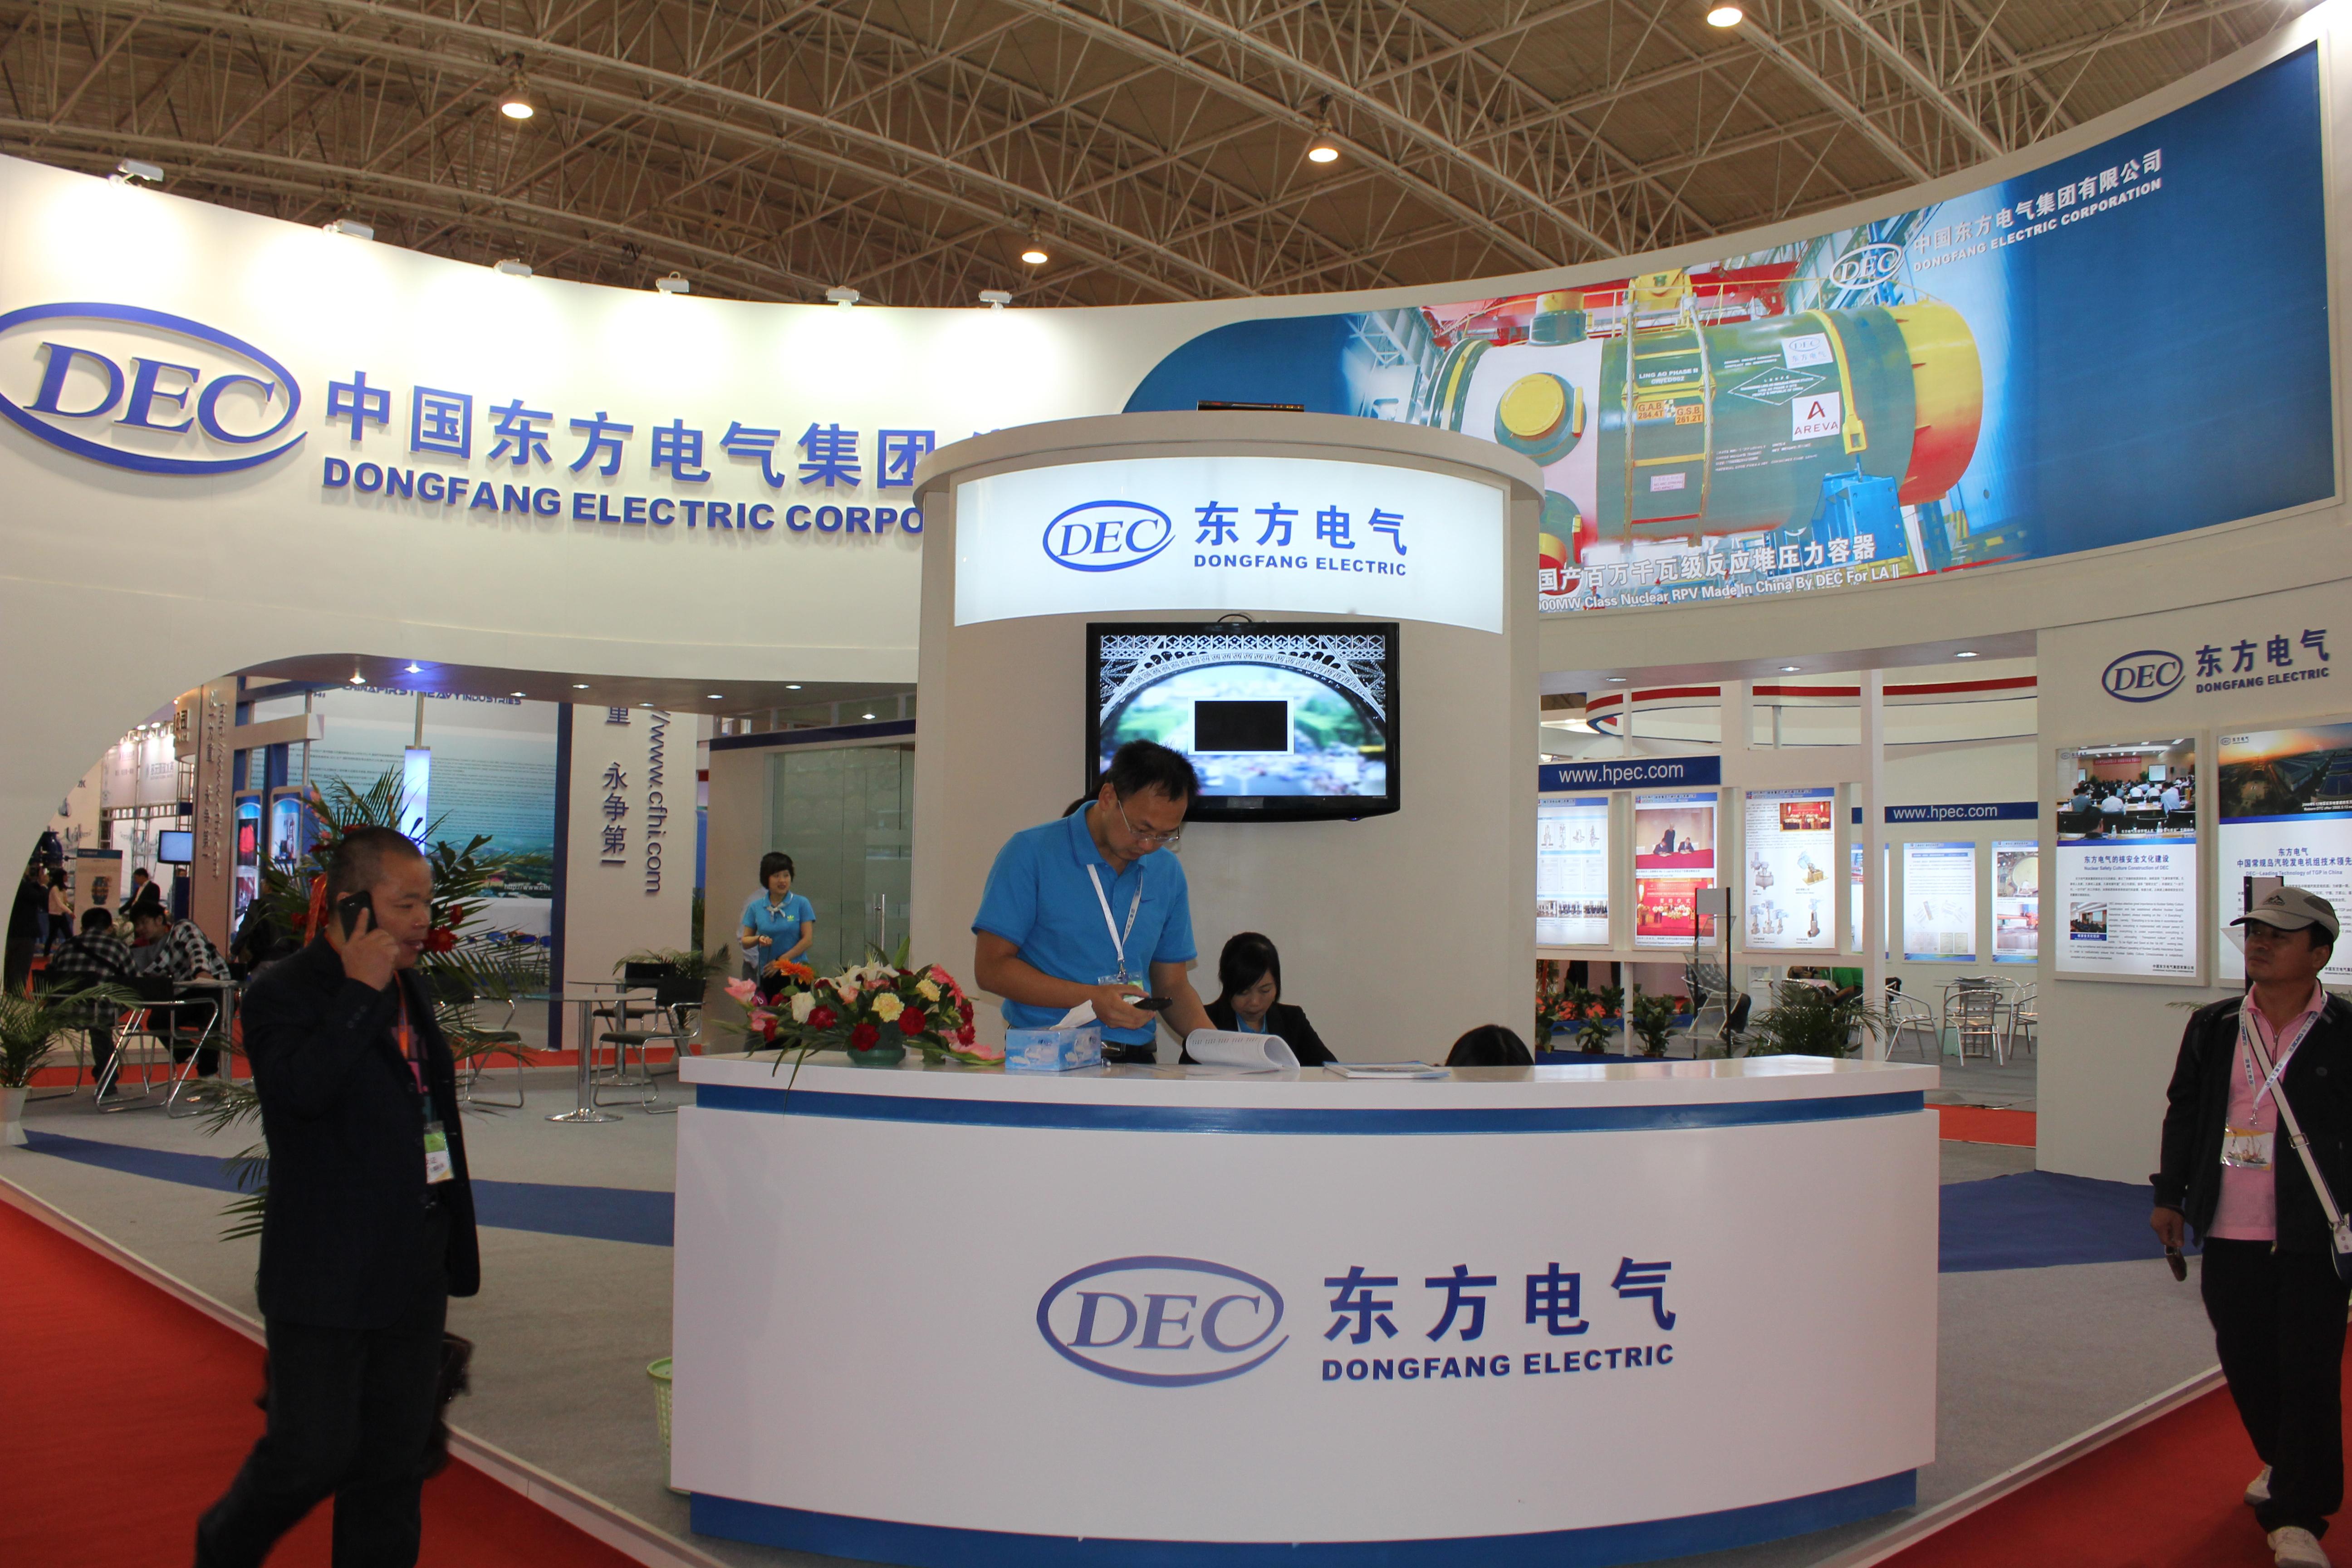 2015中國國際無損檢測應用設備展覽會